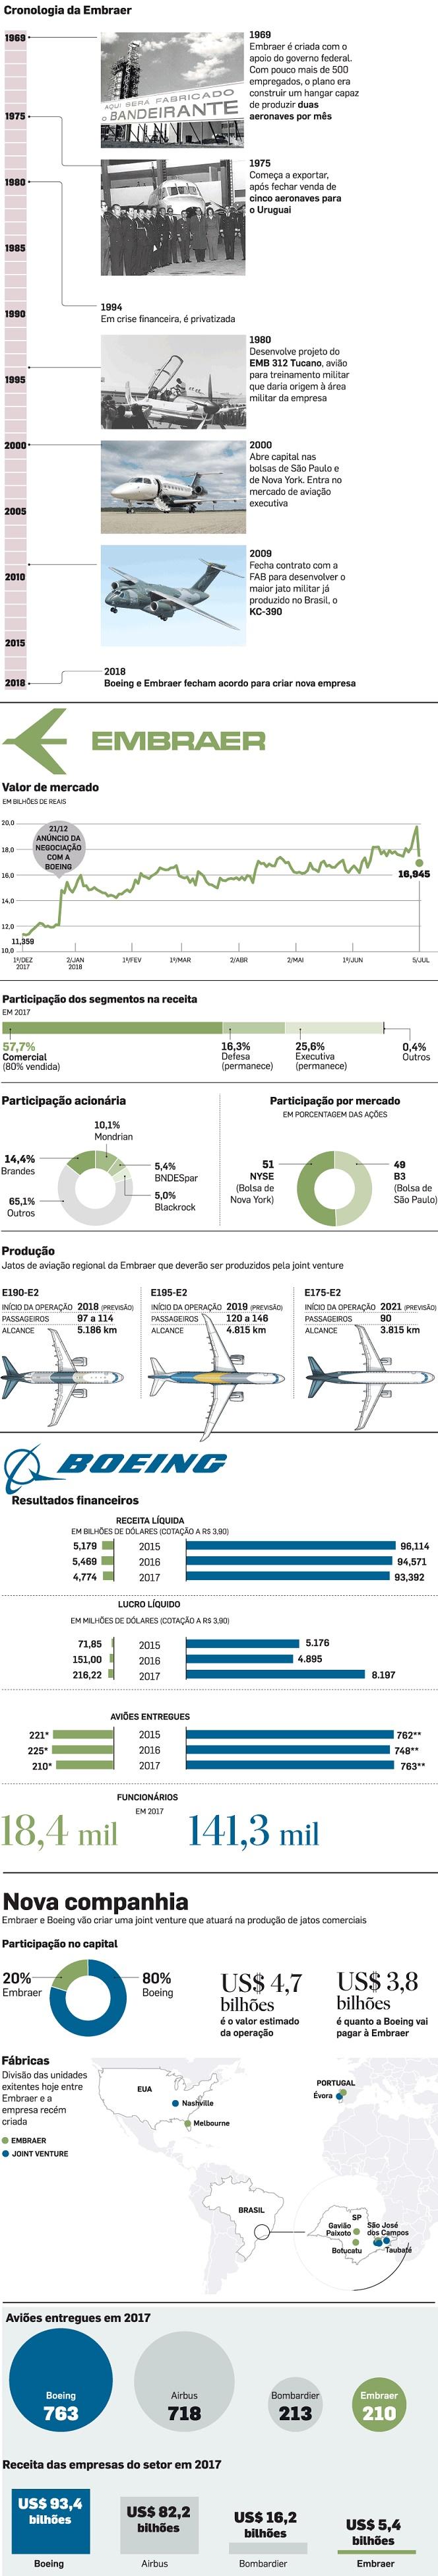 Infográfico da Embraer com seus feitos